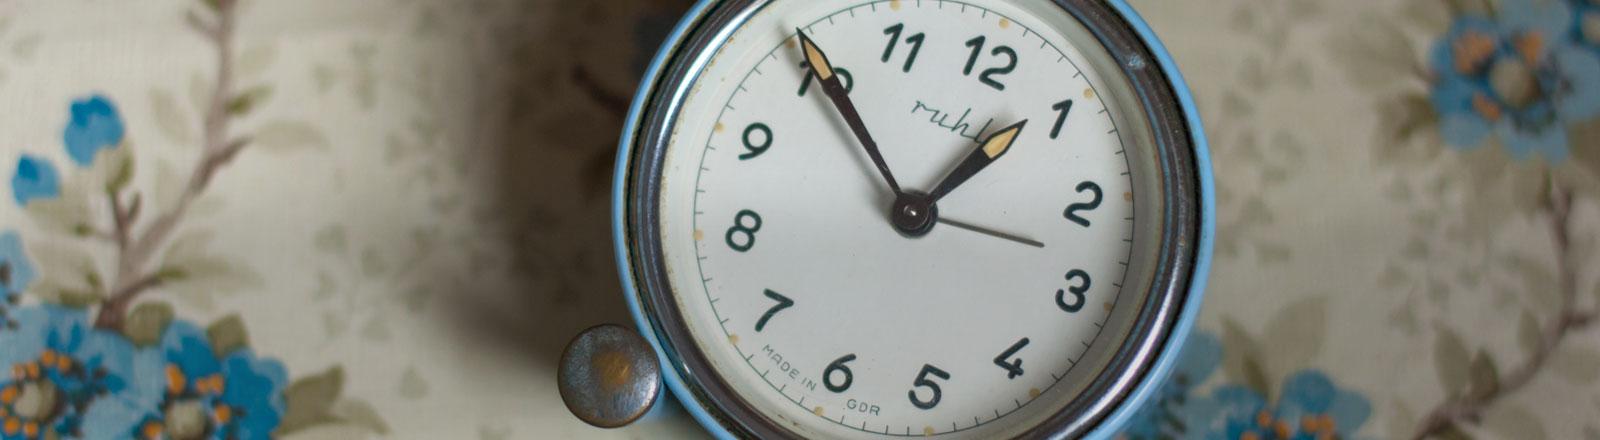 Eine Uhr, auf der die Zeiger auf kurz vor eins stehen.